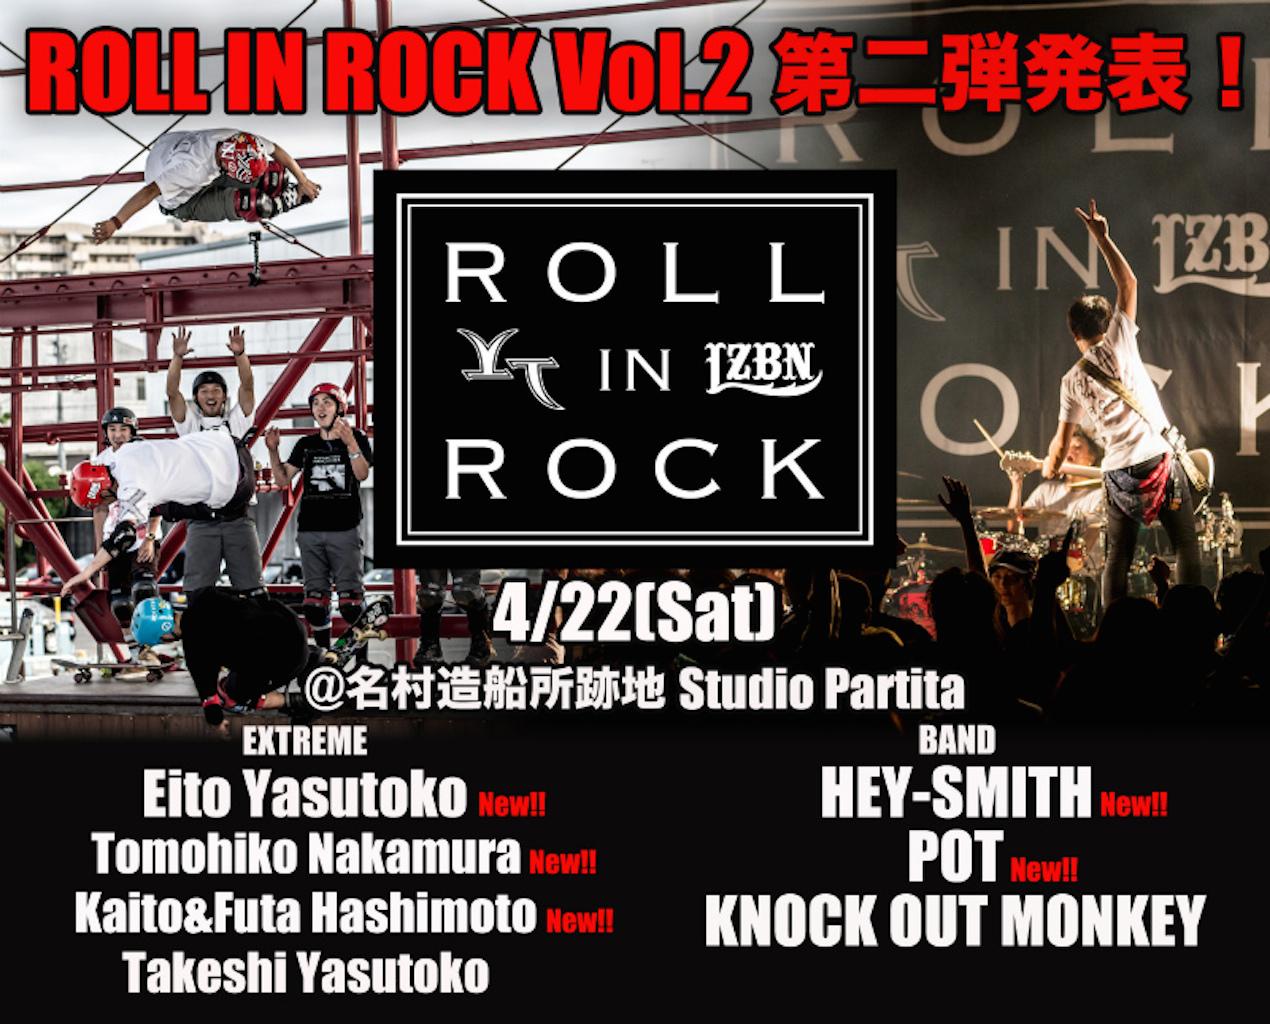 ROLL IN ROCK